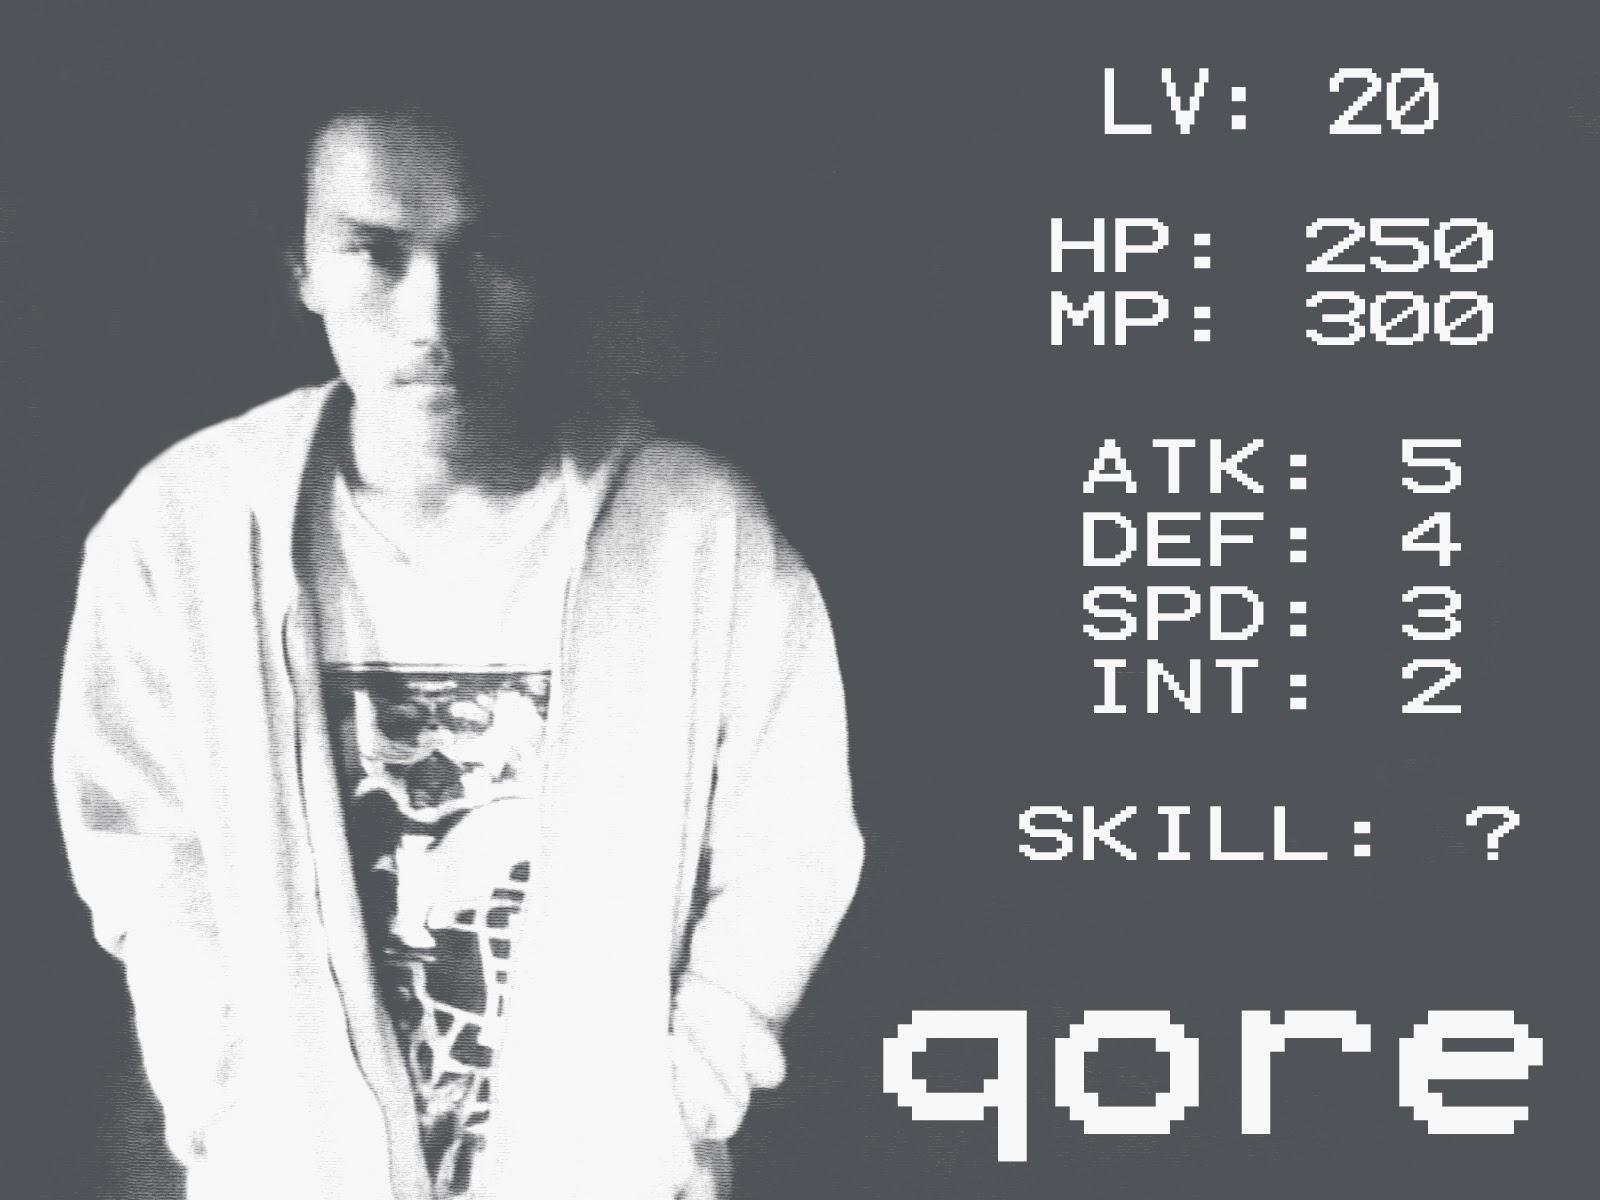 Qori Menulis Blog Ilustrasi Hidup Dalam Video Game